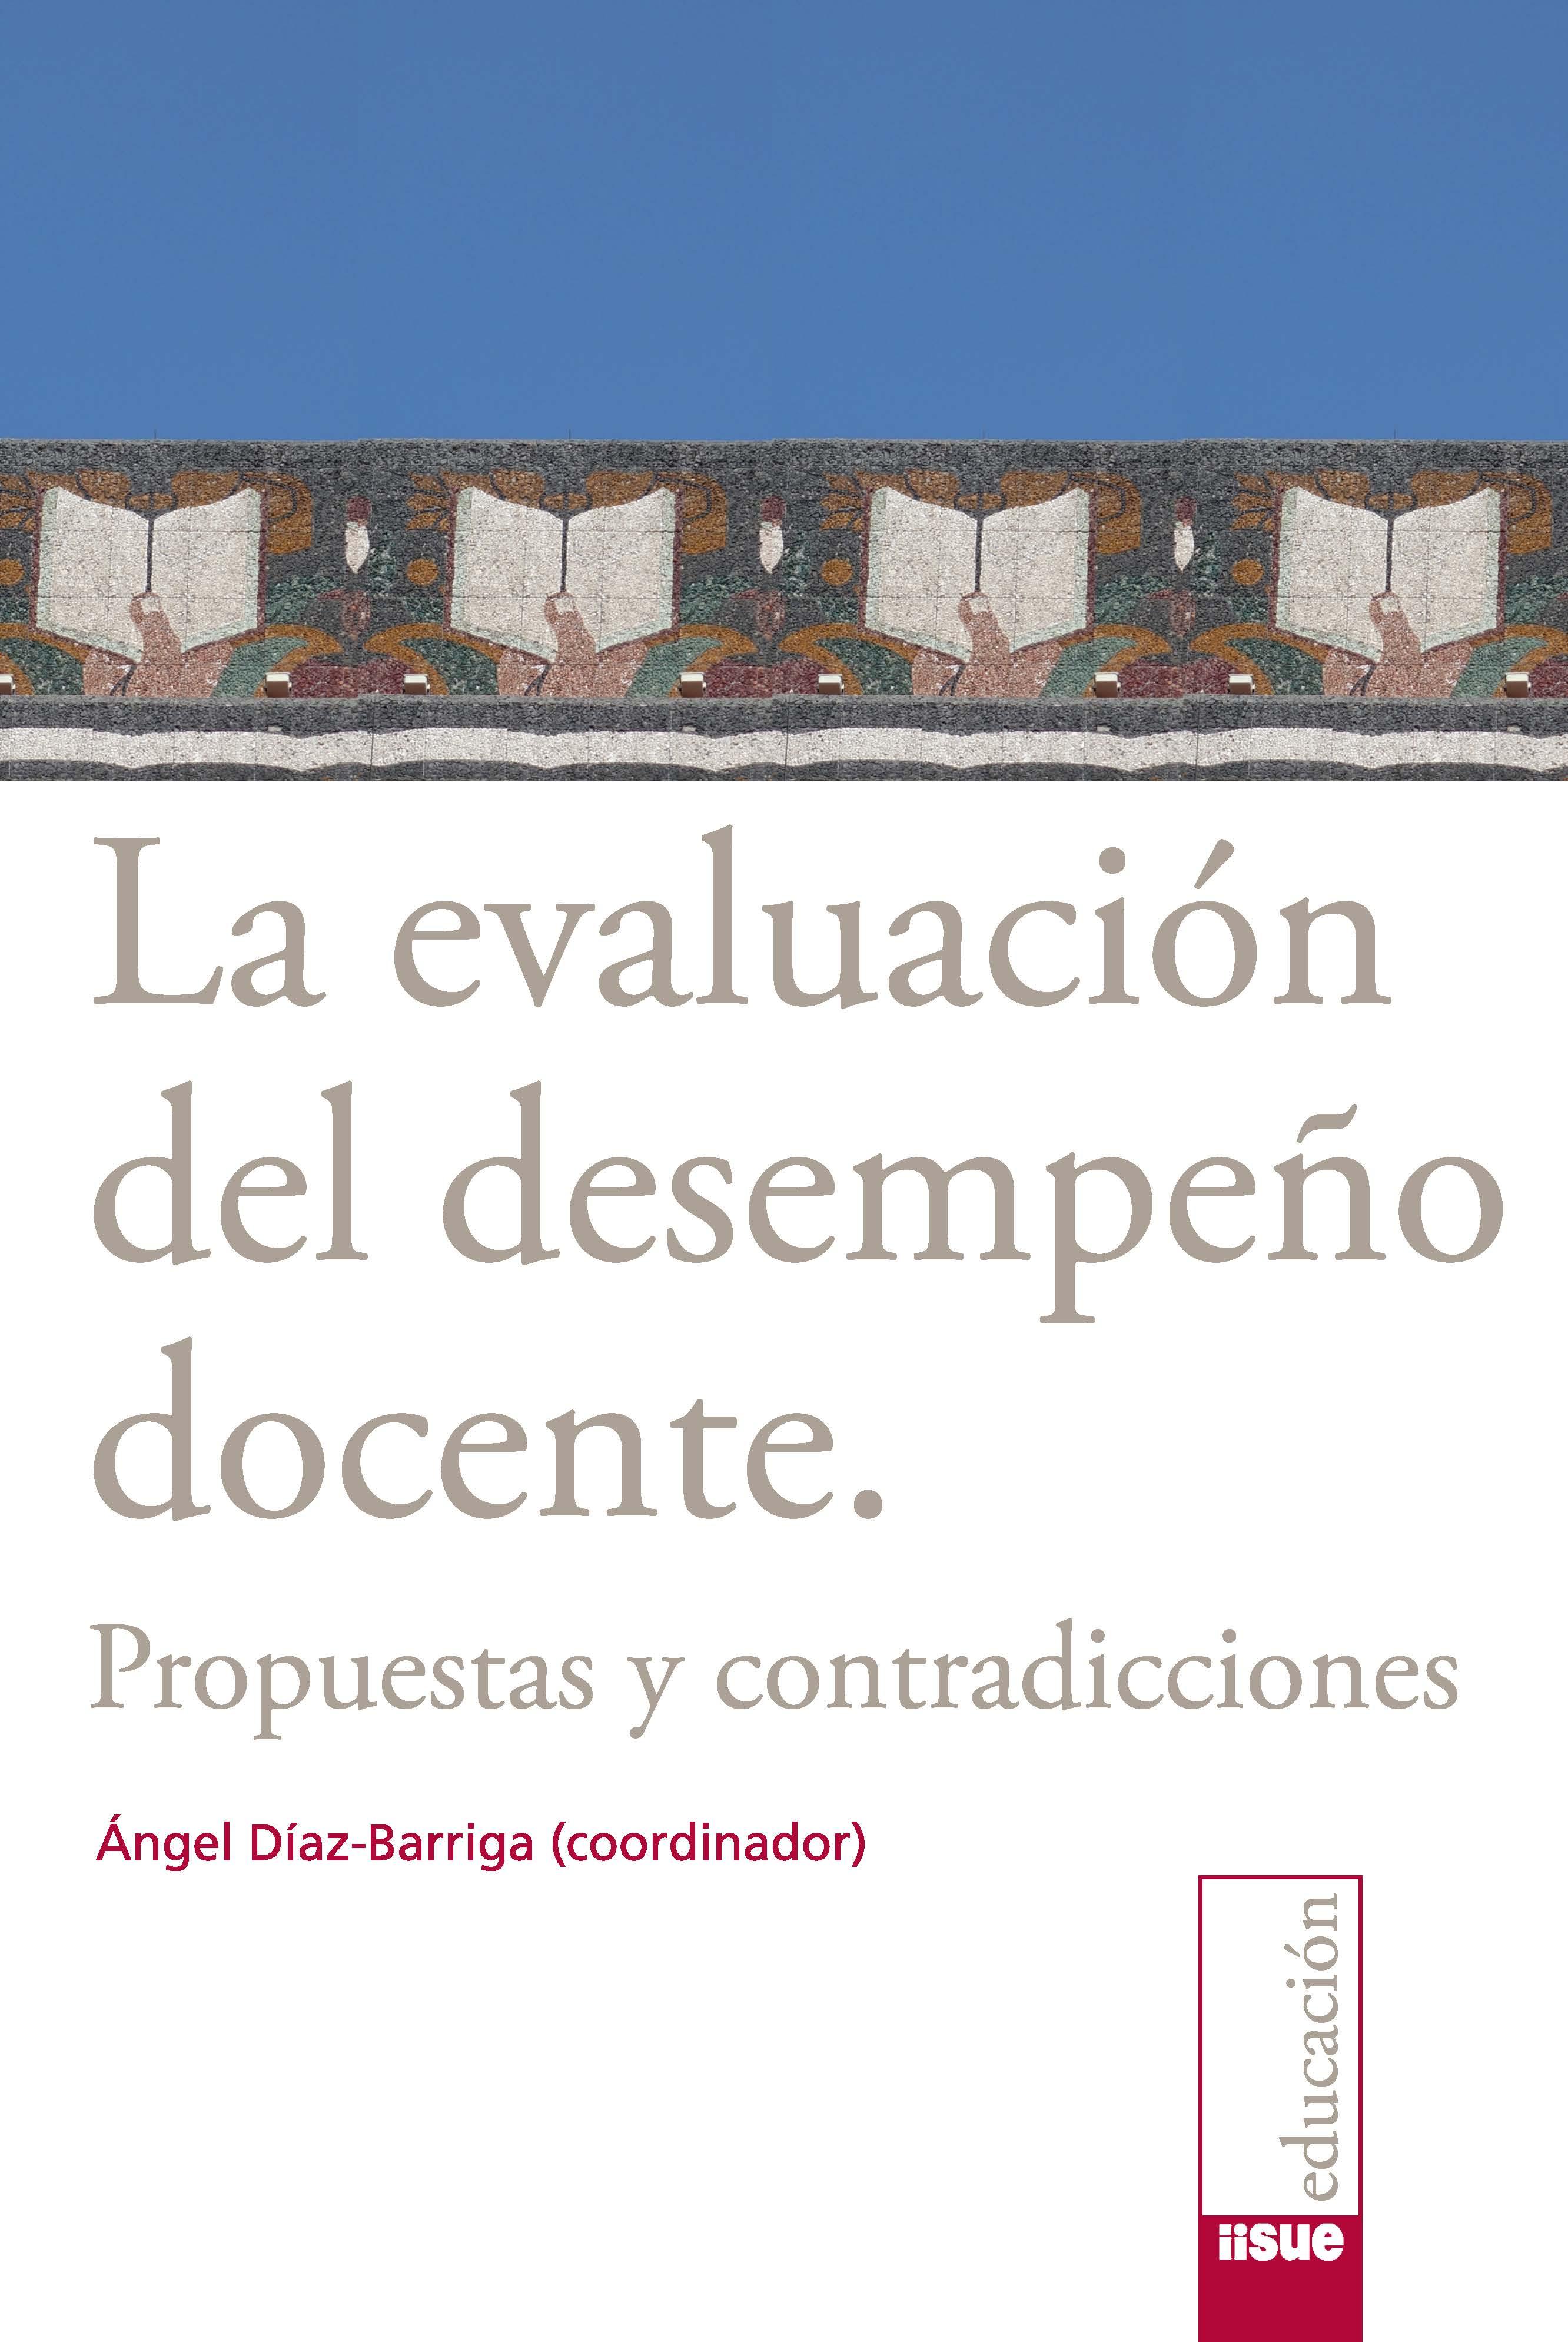 La evaluación del desempeño docente Propuestas y contradicciones